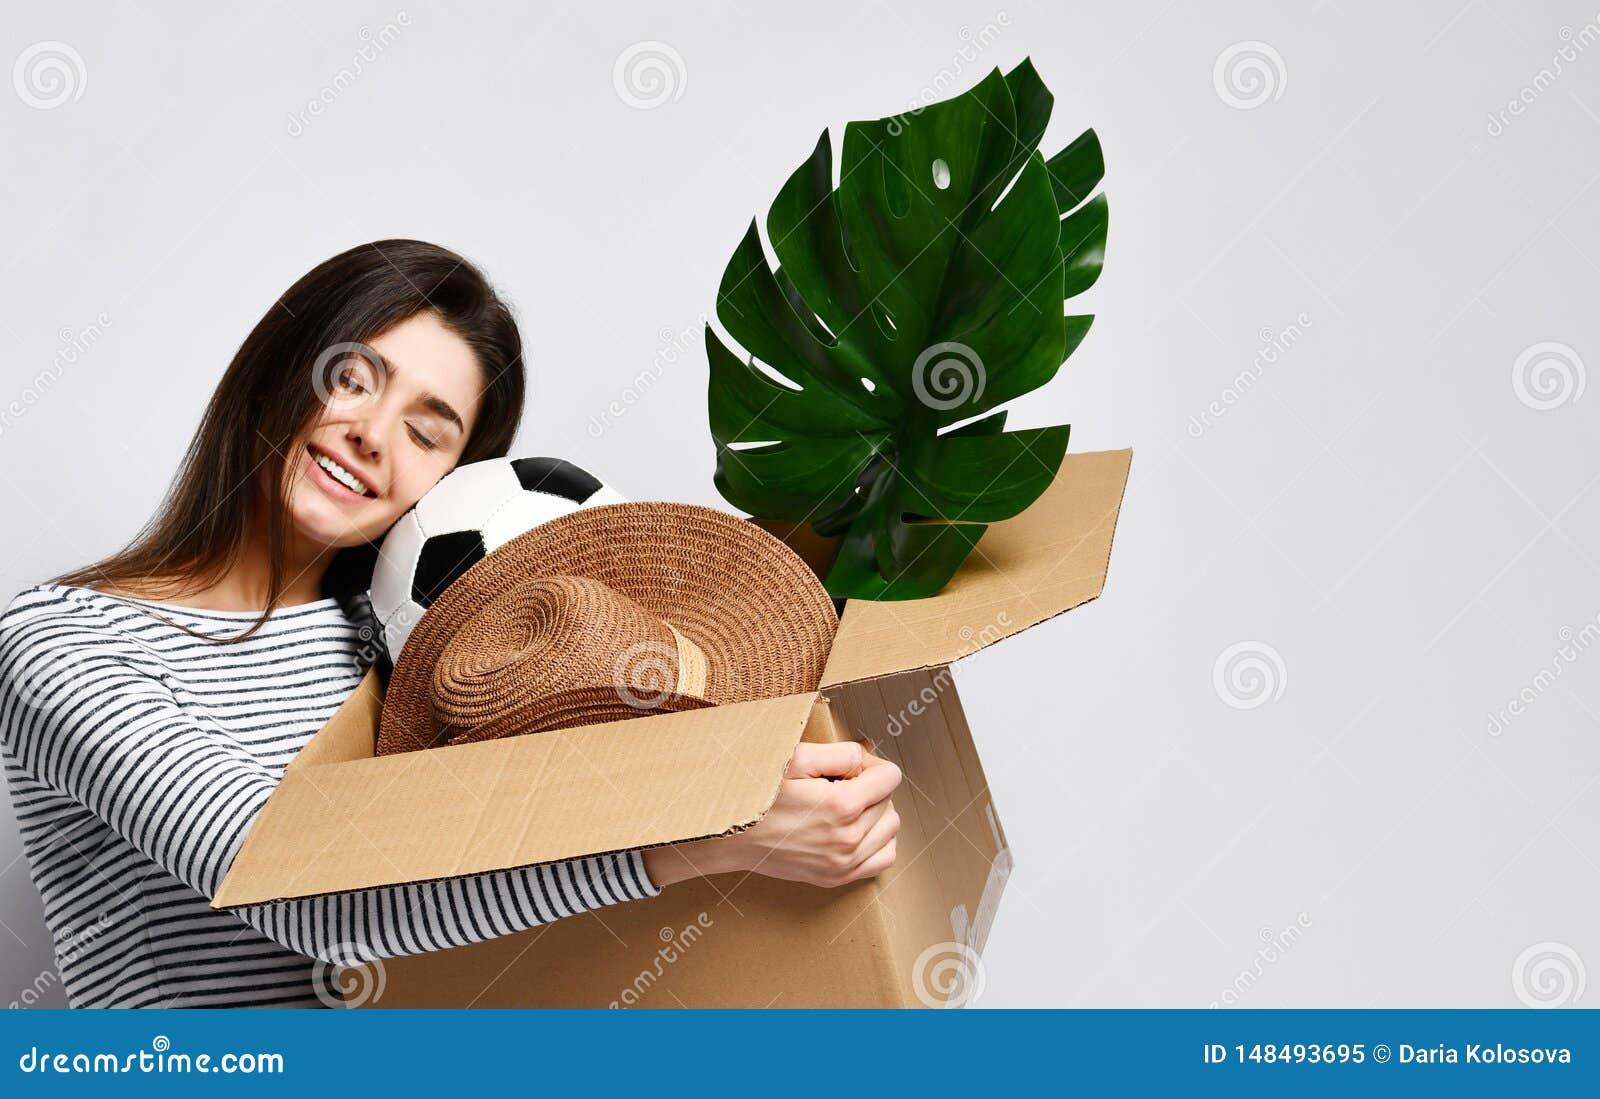 Caixa da terra arrendada da jovem mulher com coisas